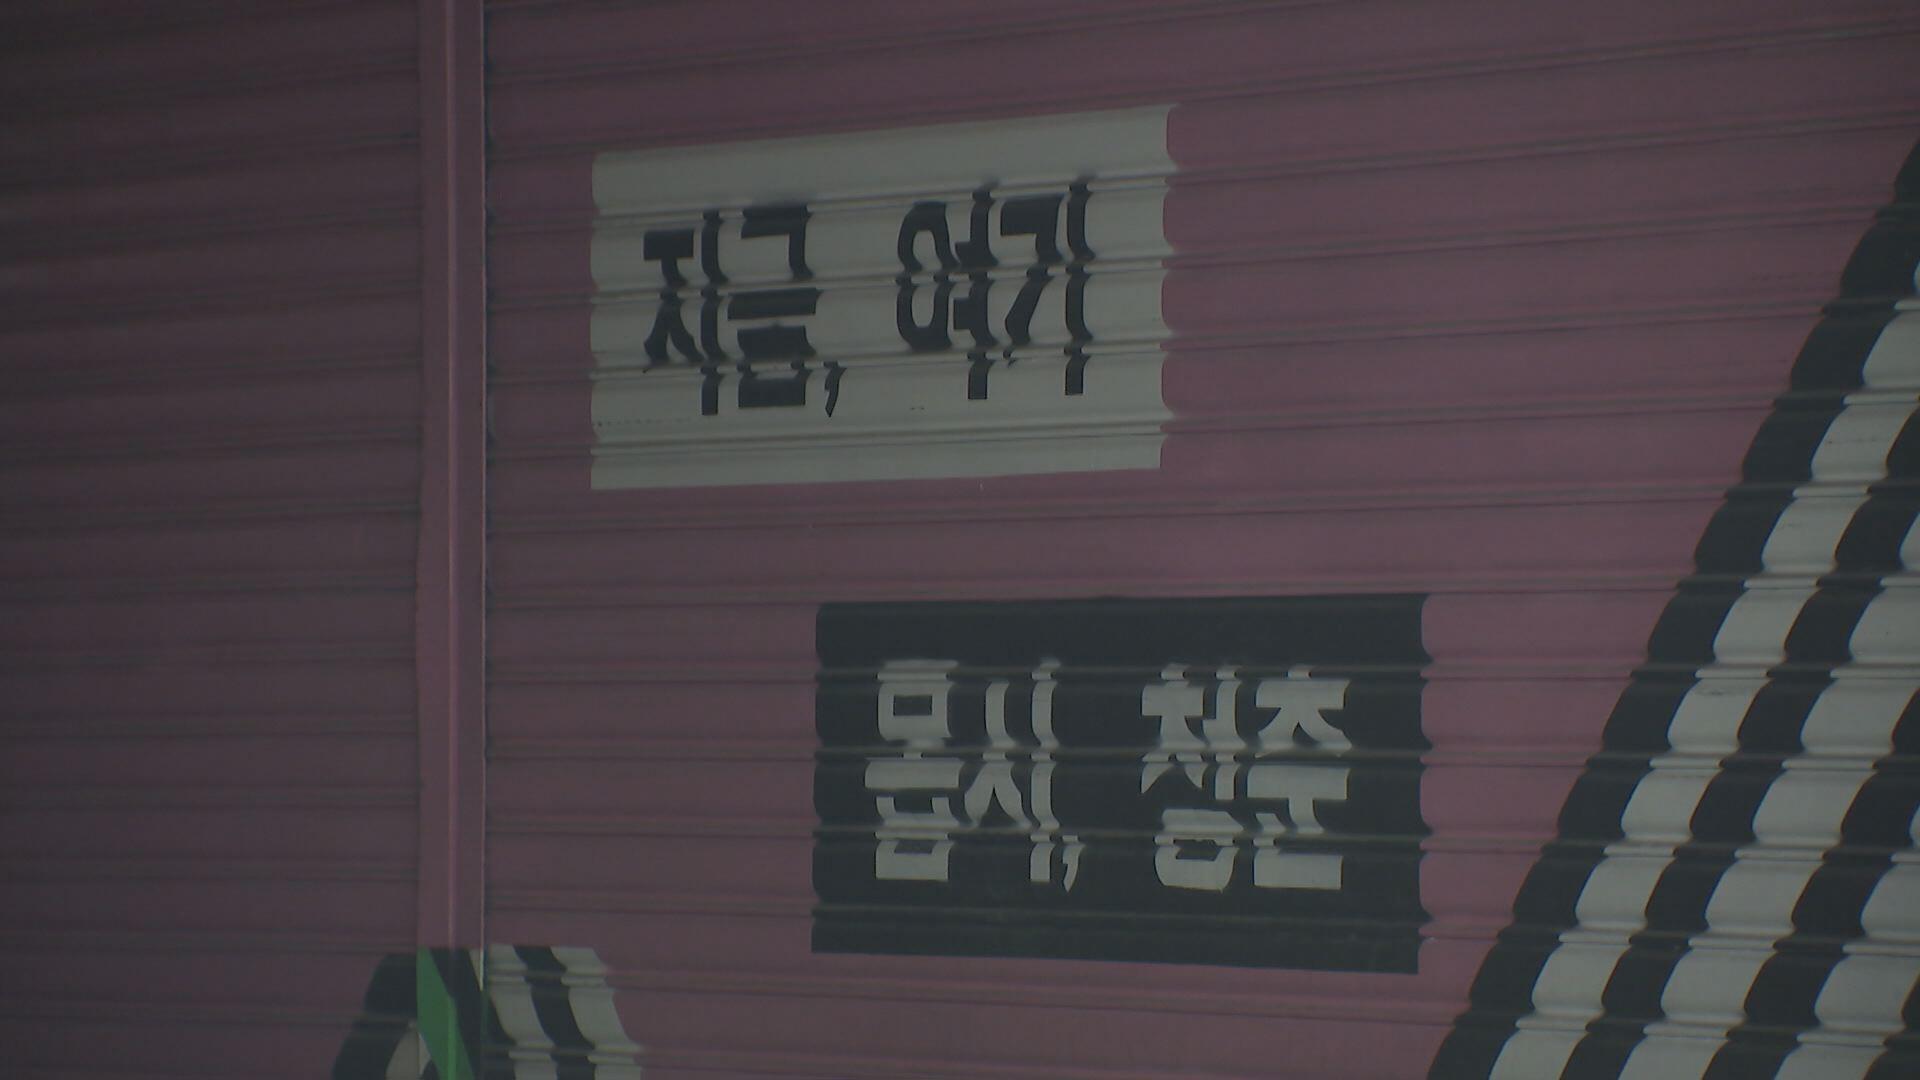 전통시장 내 텅 빈 '청년몰'…활성화 대책은?